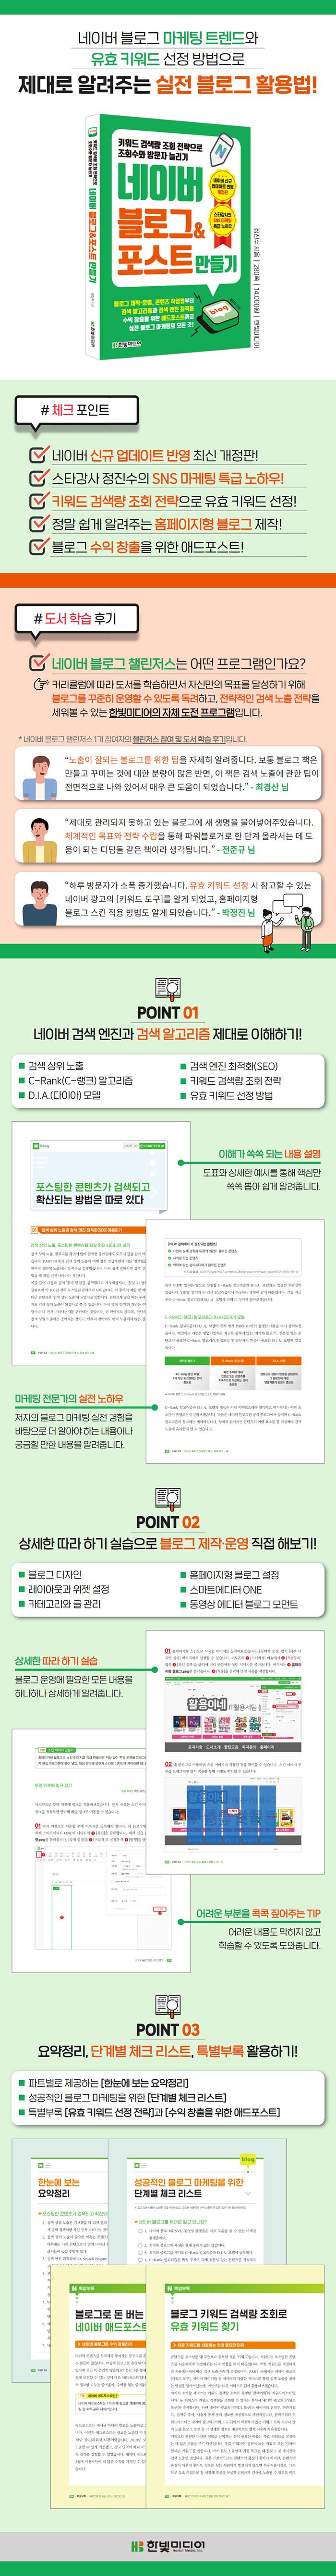 네이버 블로그&포스트 만들기(개정판)_상세페이지_700x5362_최종.jpg